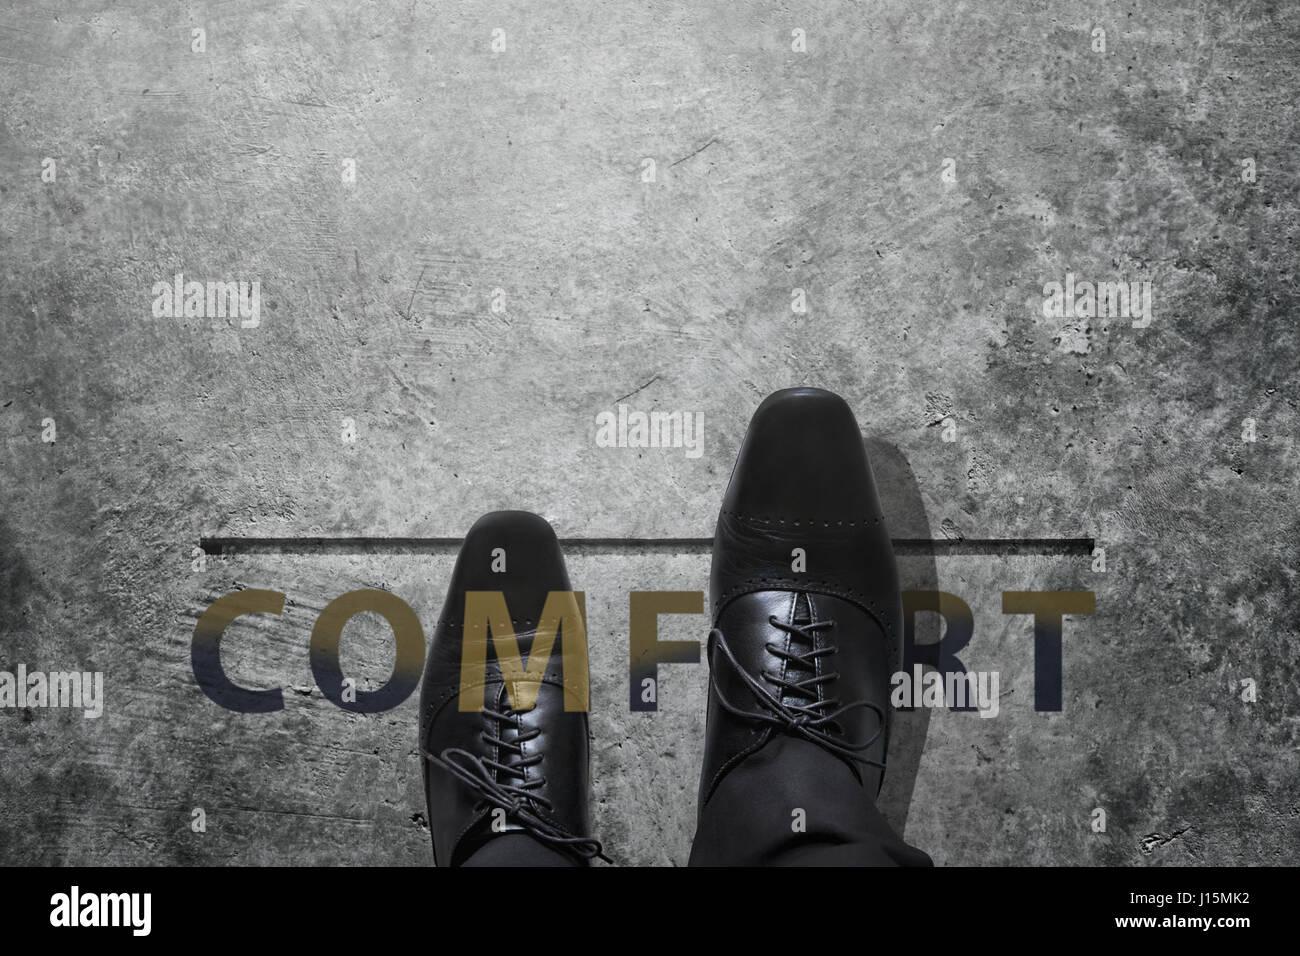 Komfort-Zonenkonzept, Luxus Geschäftsmann Schritt aus seiner Sicherheit Grenze, Gegenwart von Schwarz Leder Schuhe über ein Wort und Betonboden, Schwerpunkt righ Stockfoto